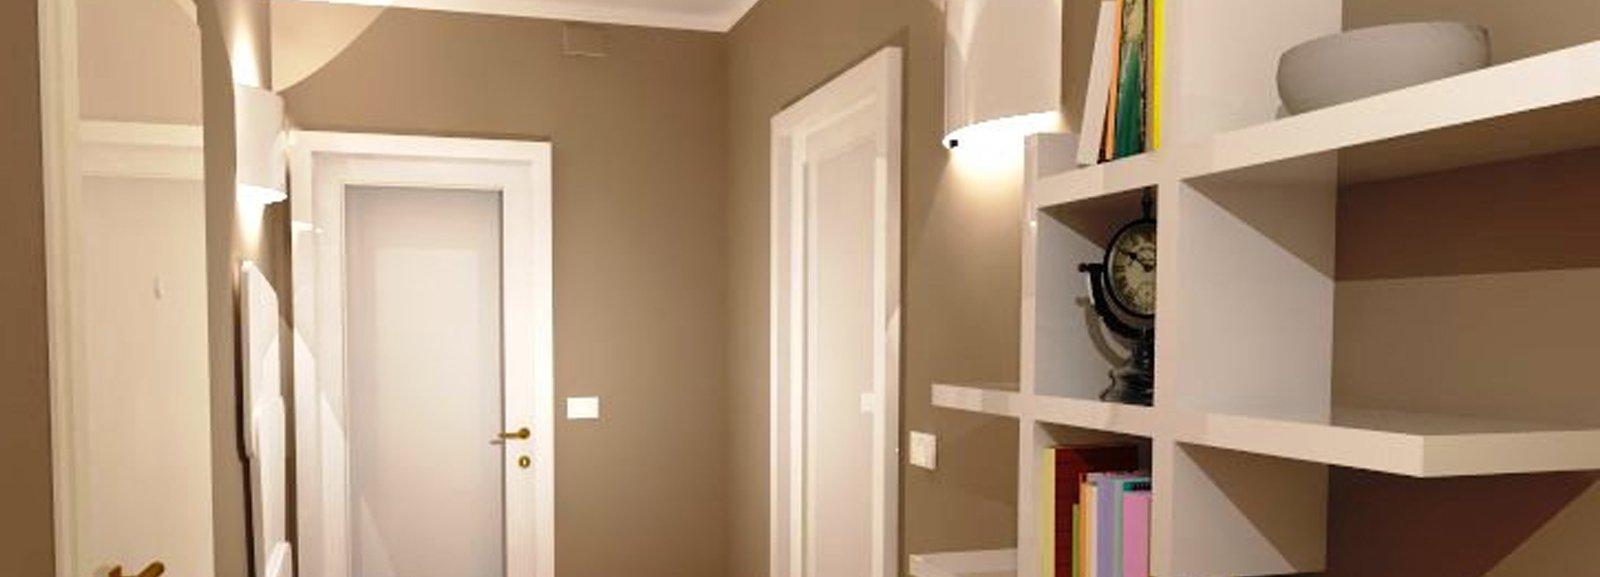 Corridoio quali finiture per pavimento e porte cose di - Colore pareti camera da letto mobili ciliegio ...